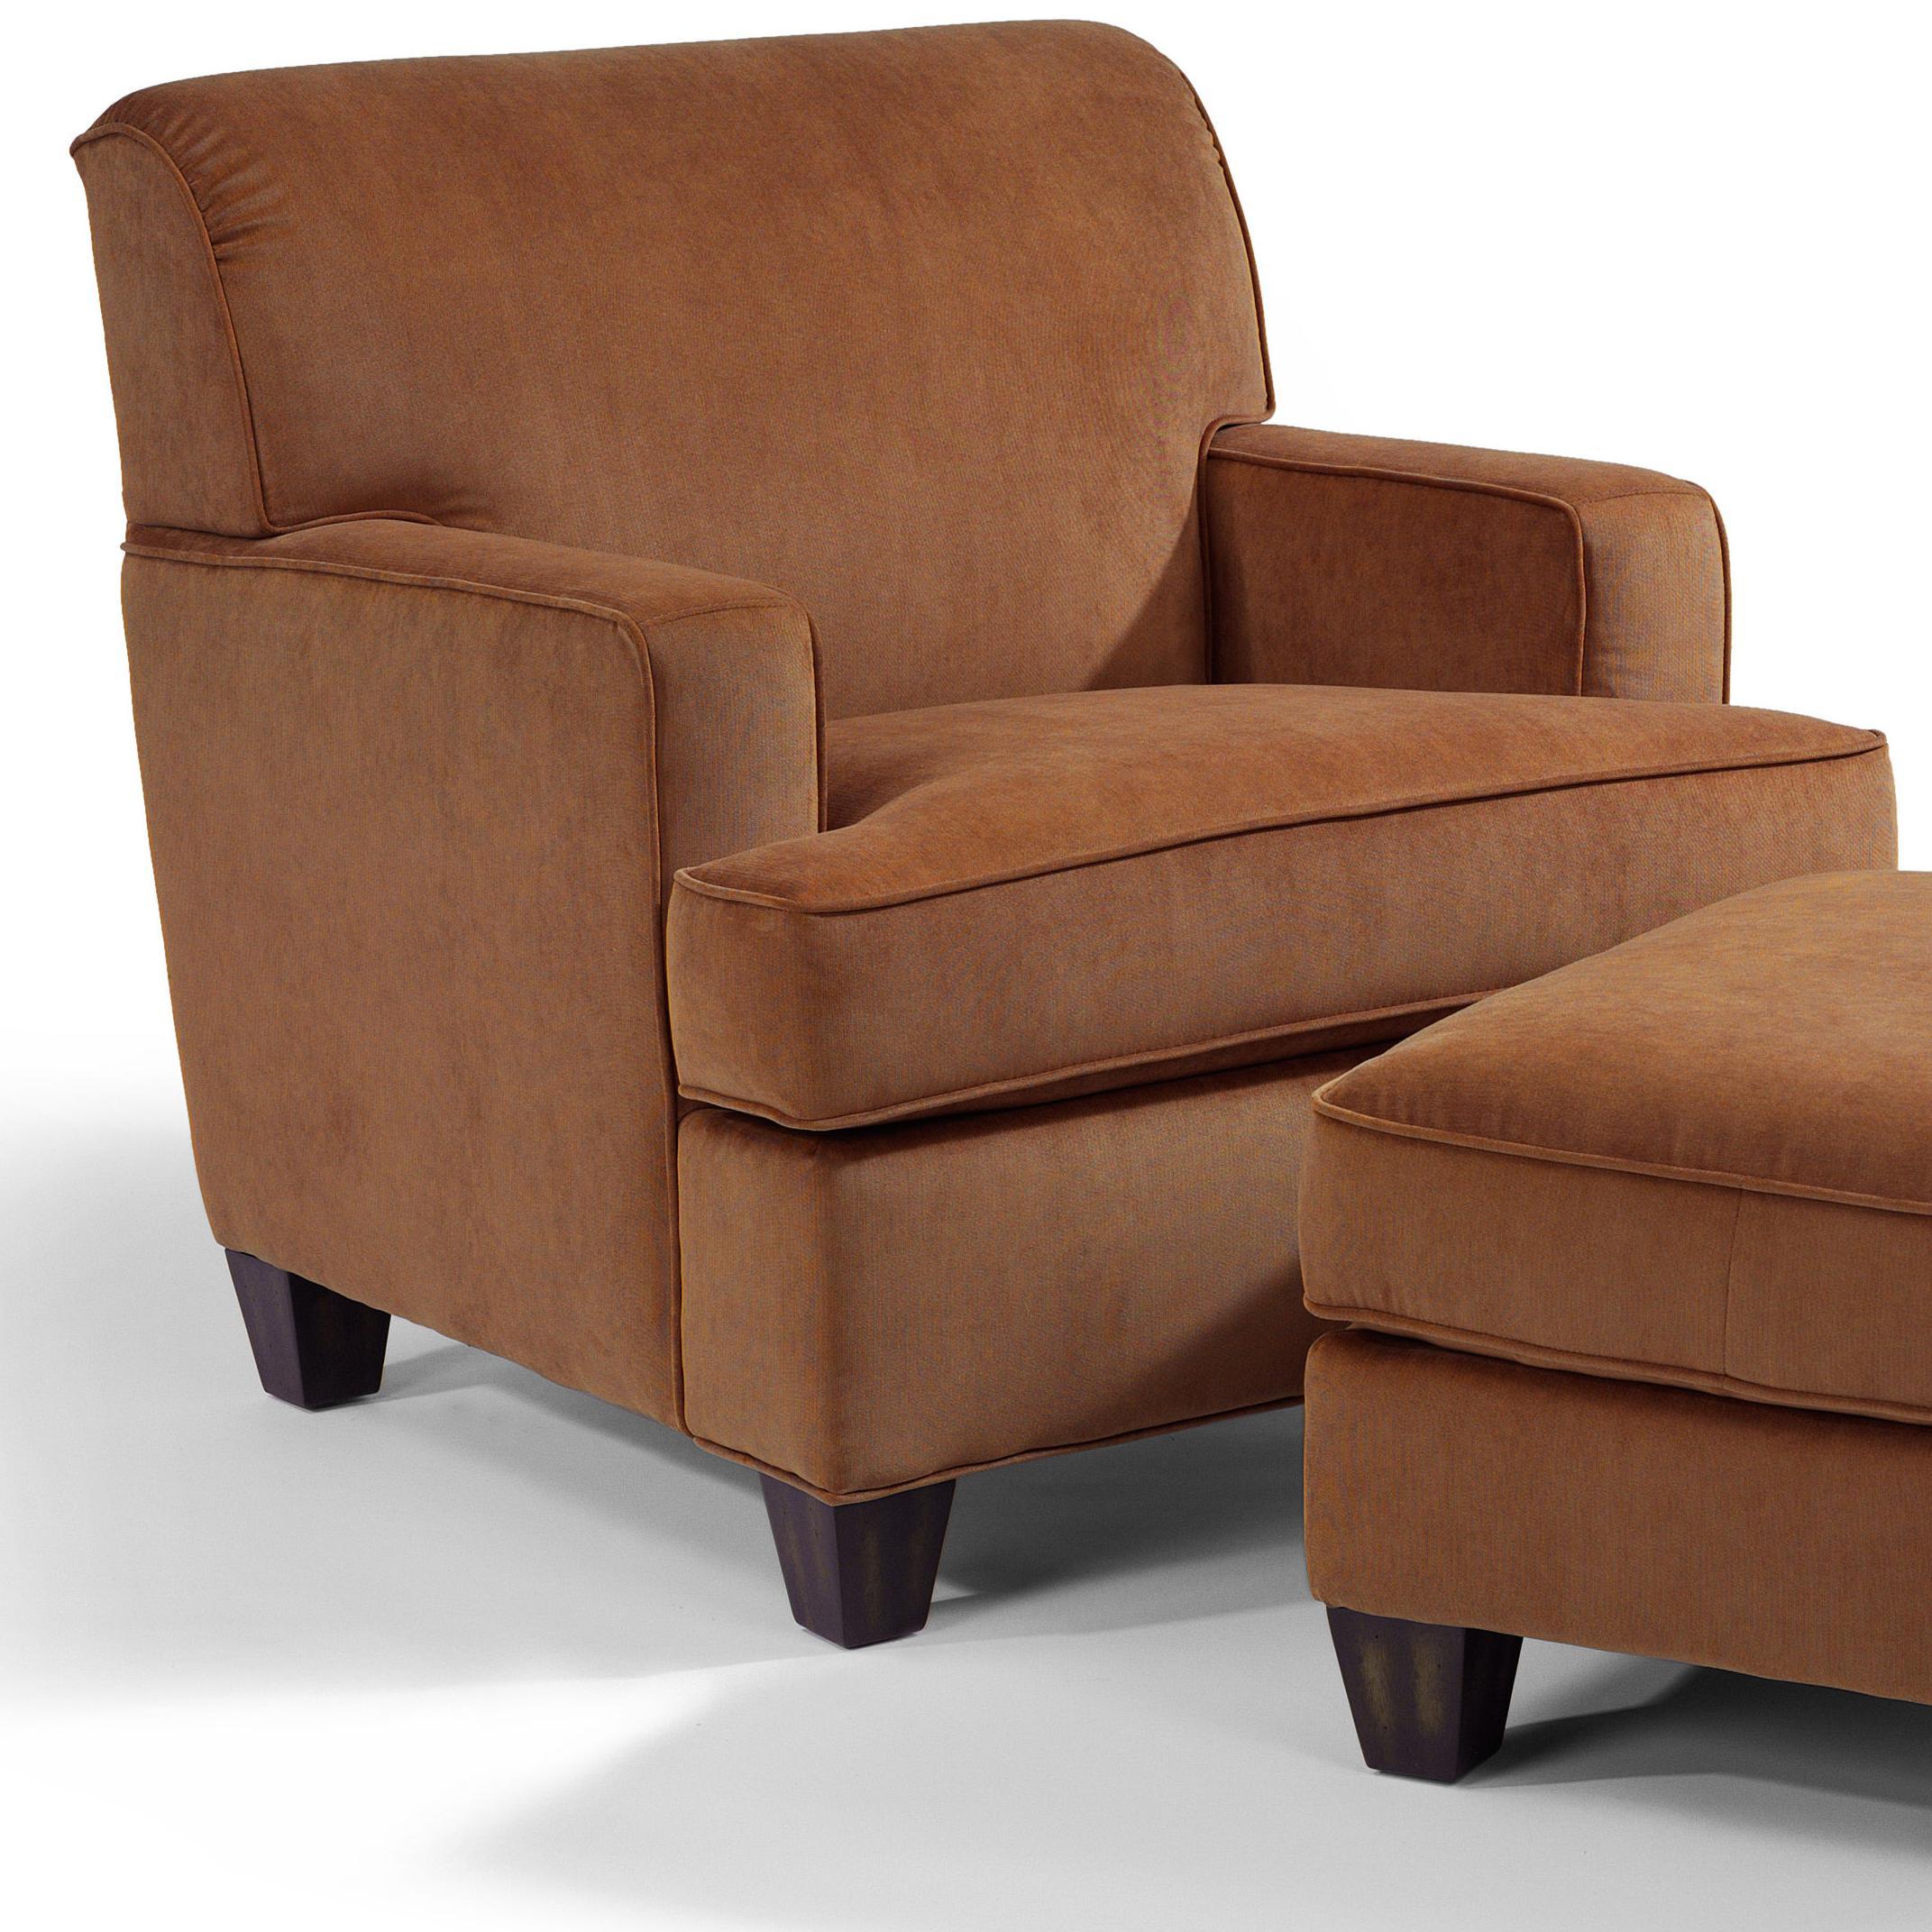 Flexsteel Dempsey Chair - Item Number: 5641-10